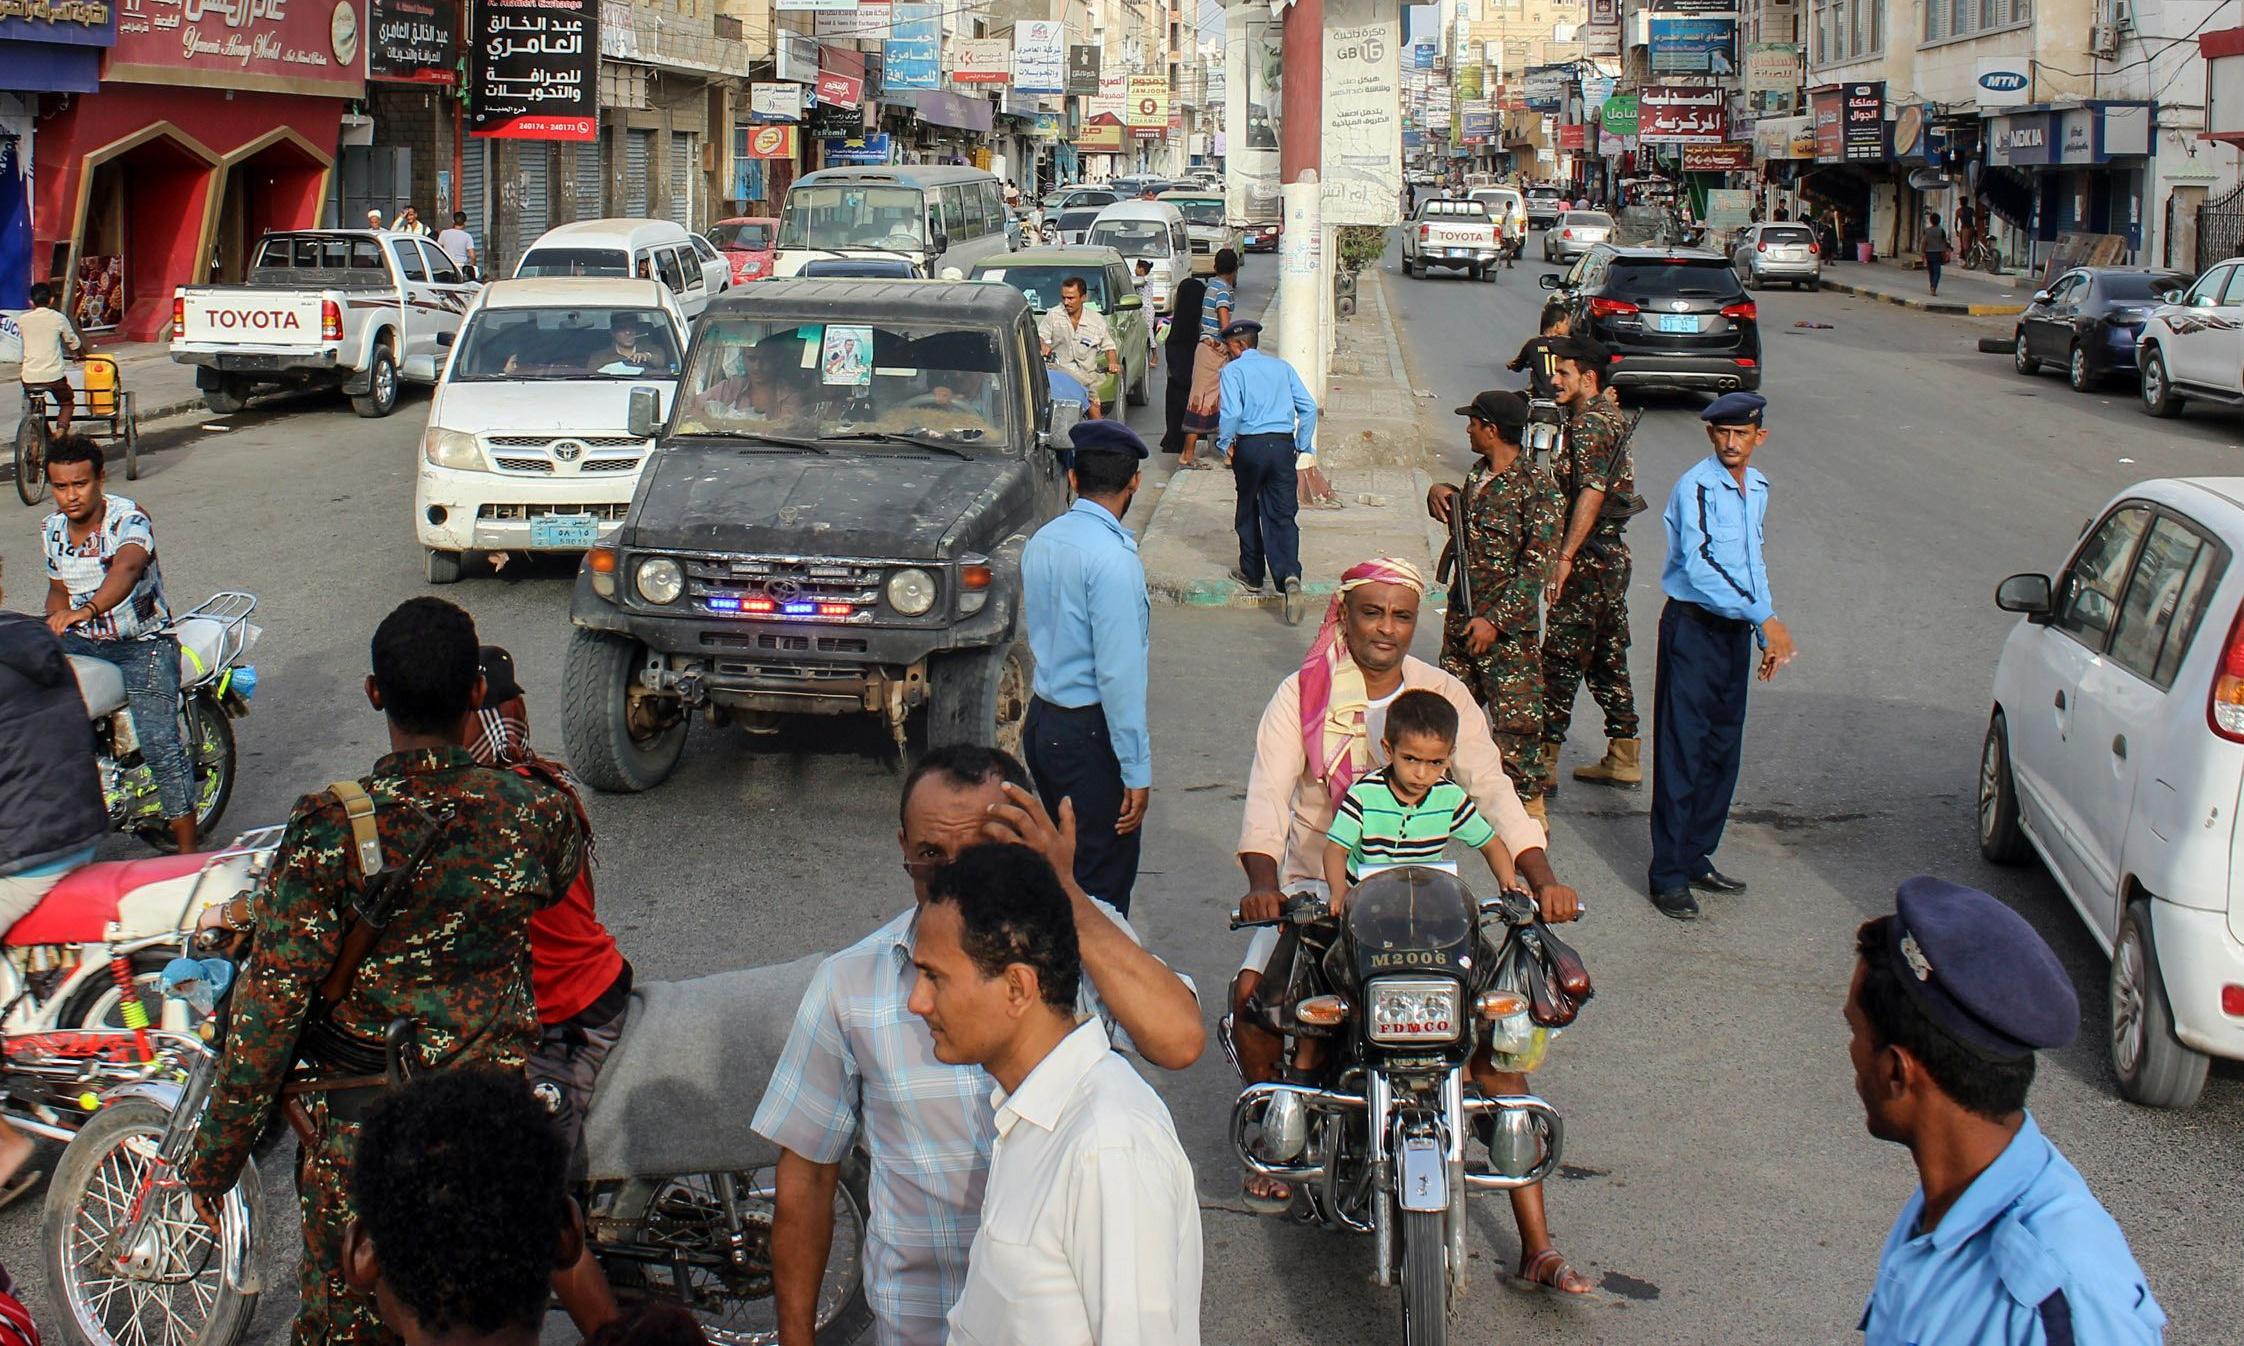 Yemen: ceasefire broken as fresh fighting breaks out in Hodeidah